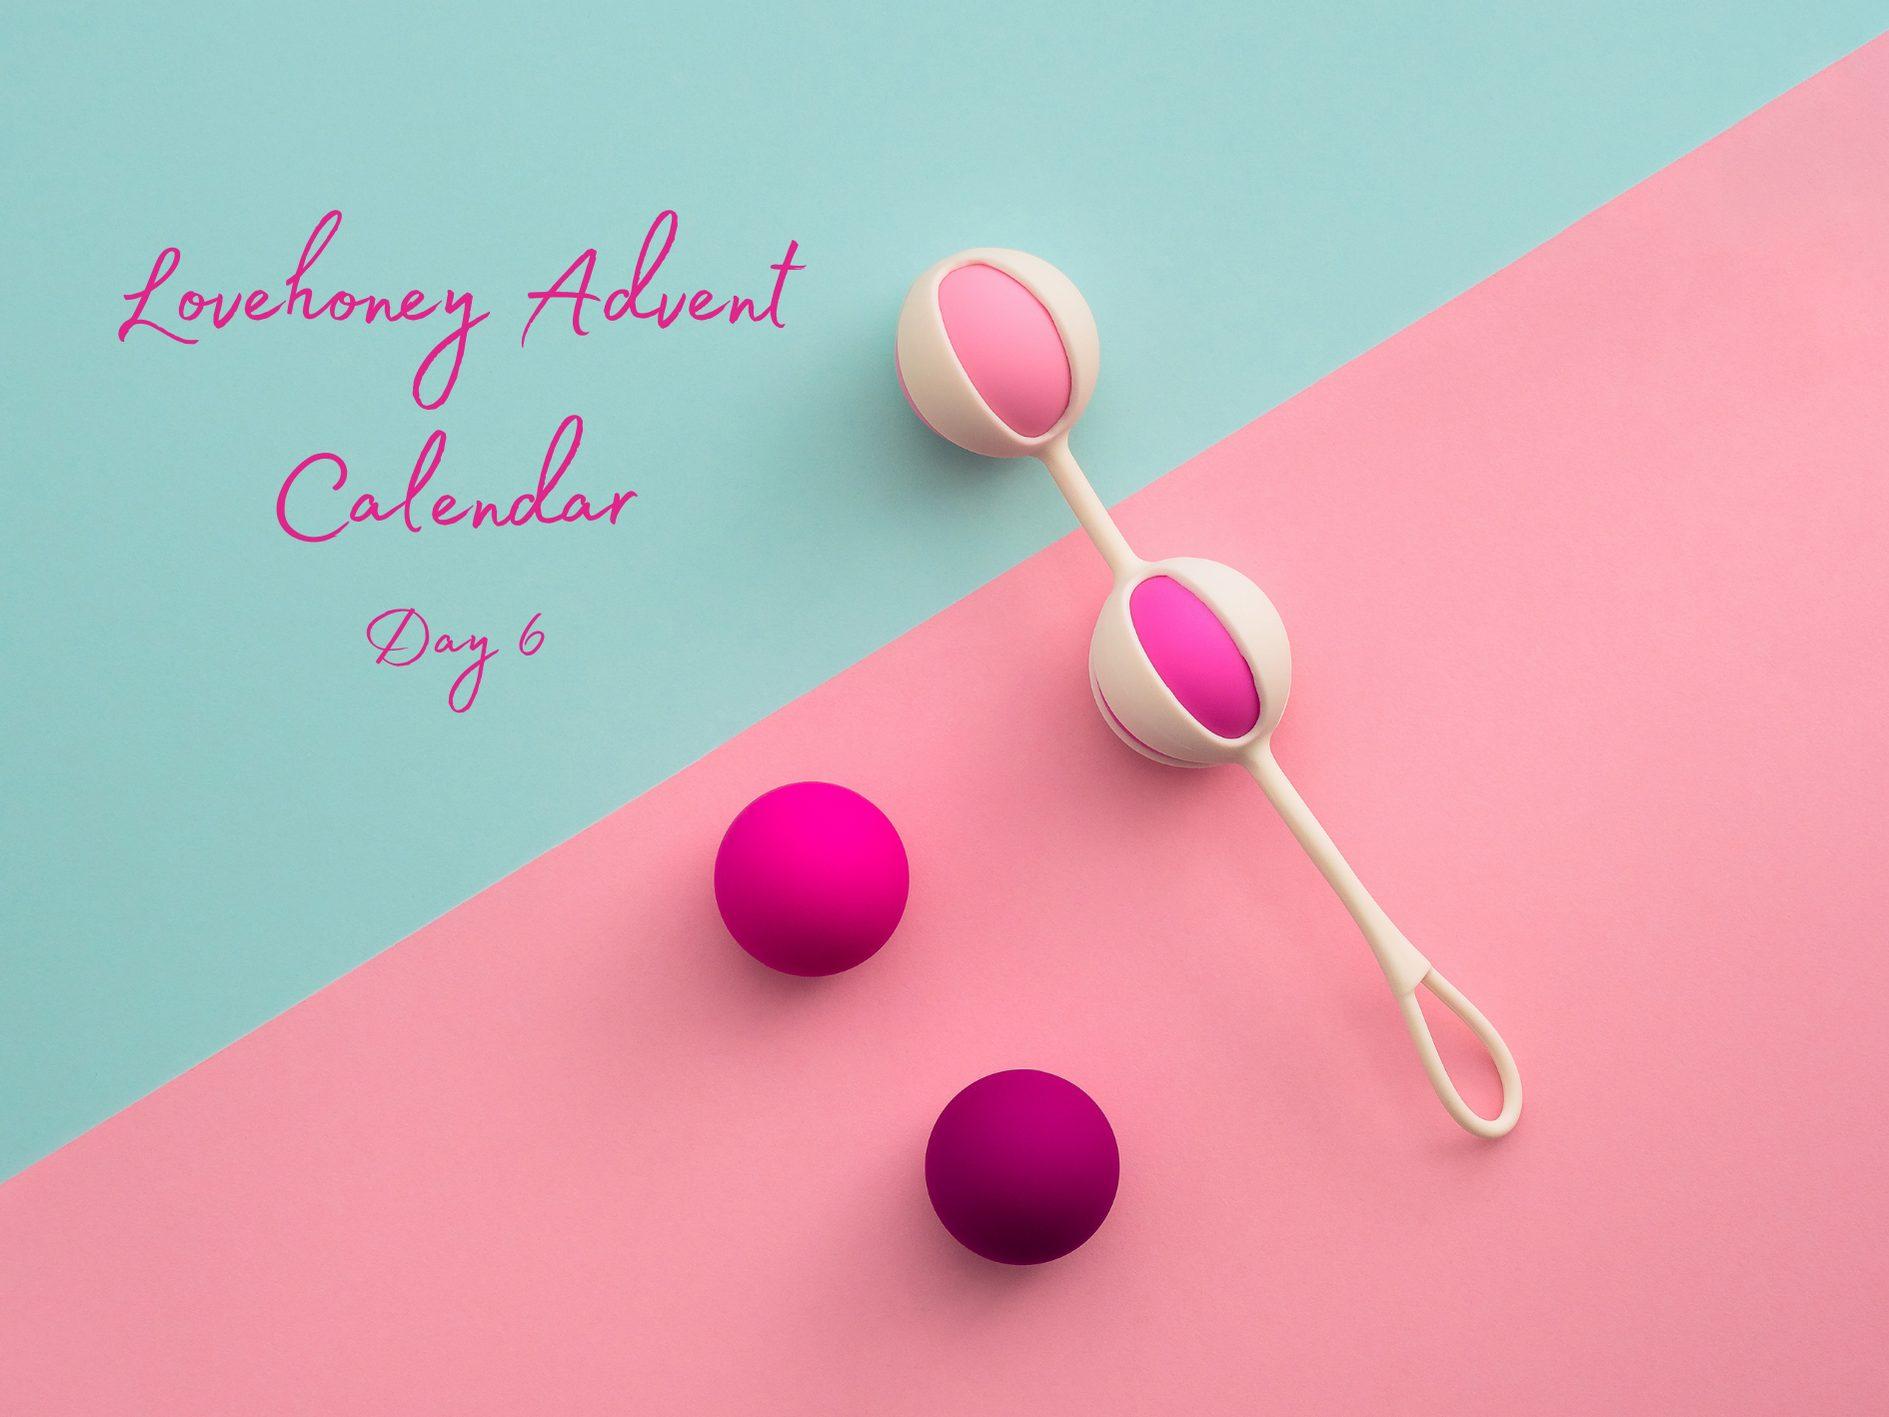 Lovehoney Sex Toy Advent Calendar Door #6: Kegel Balls